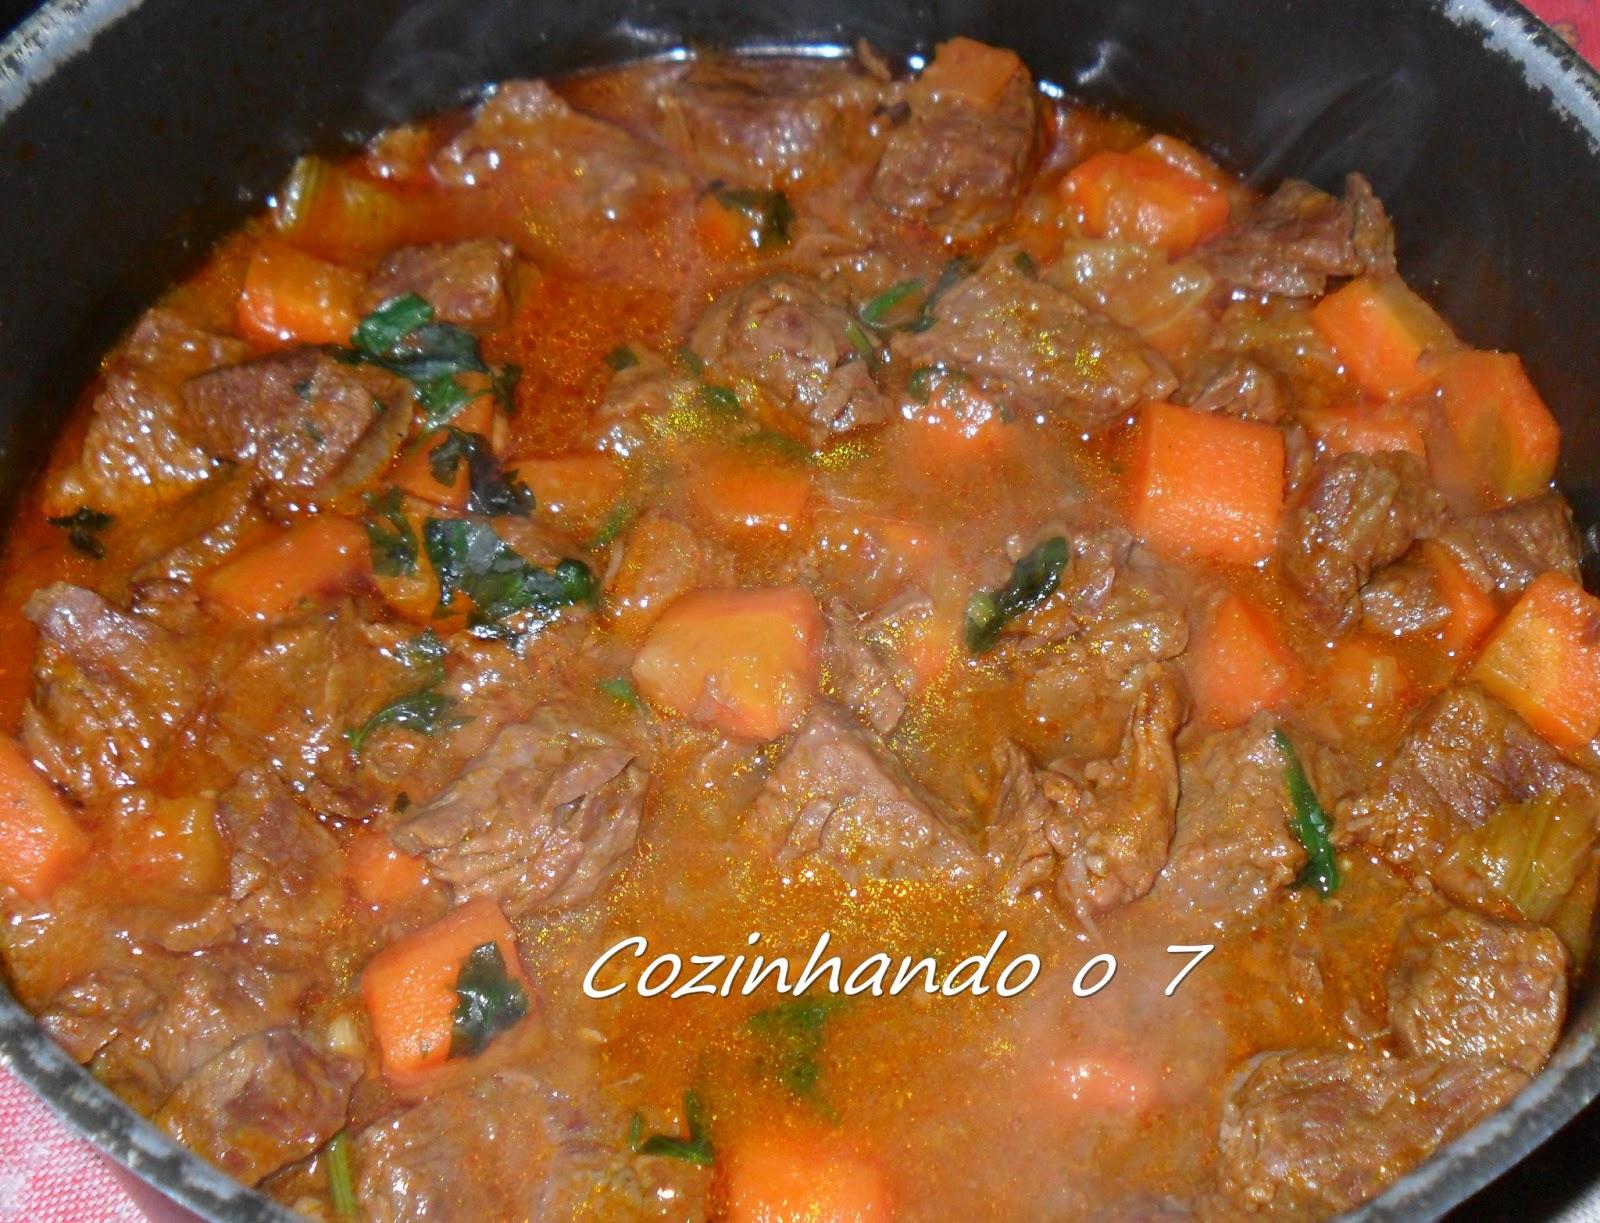 Cozinhando o 7: <b>Ensopado</b> de <b>Carne</b> com <b>Cenoura</b> na Panela de Pressão 2014